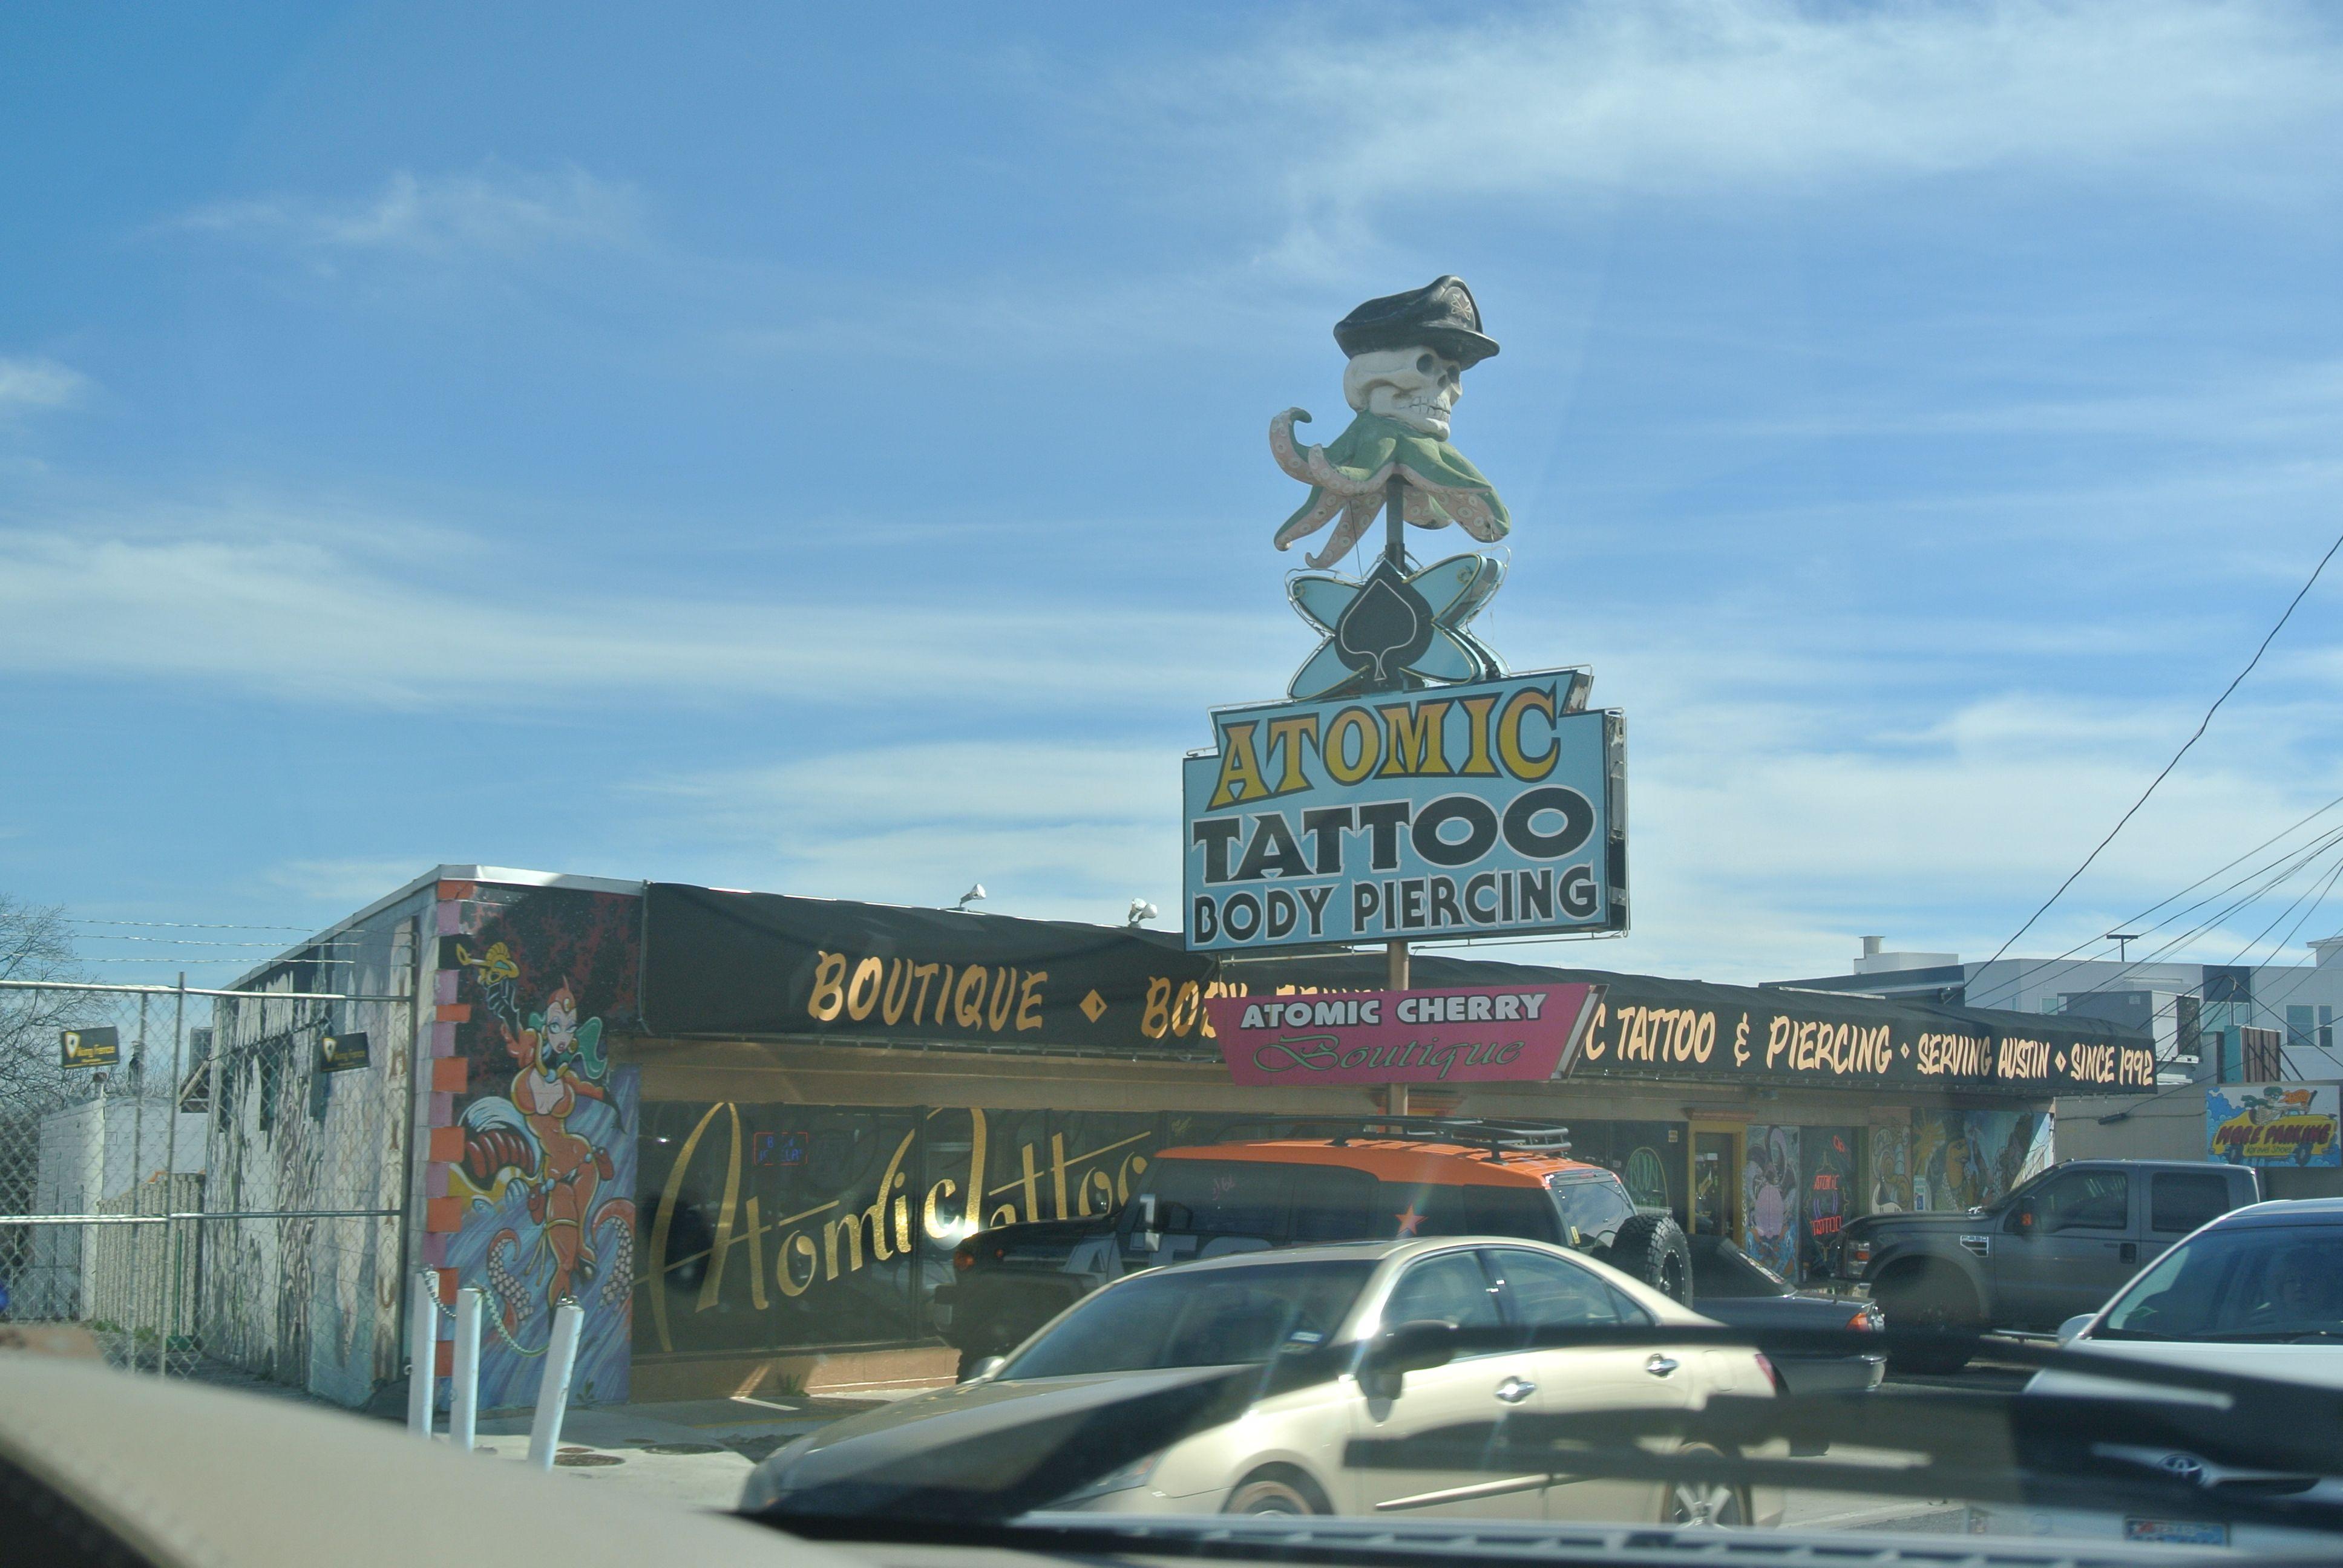 Only in austin cherry tattoos broadway shows wonder